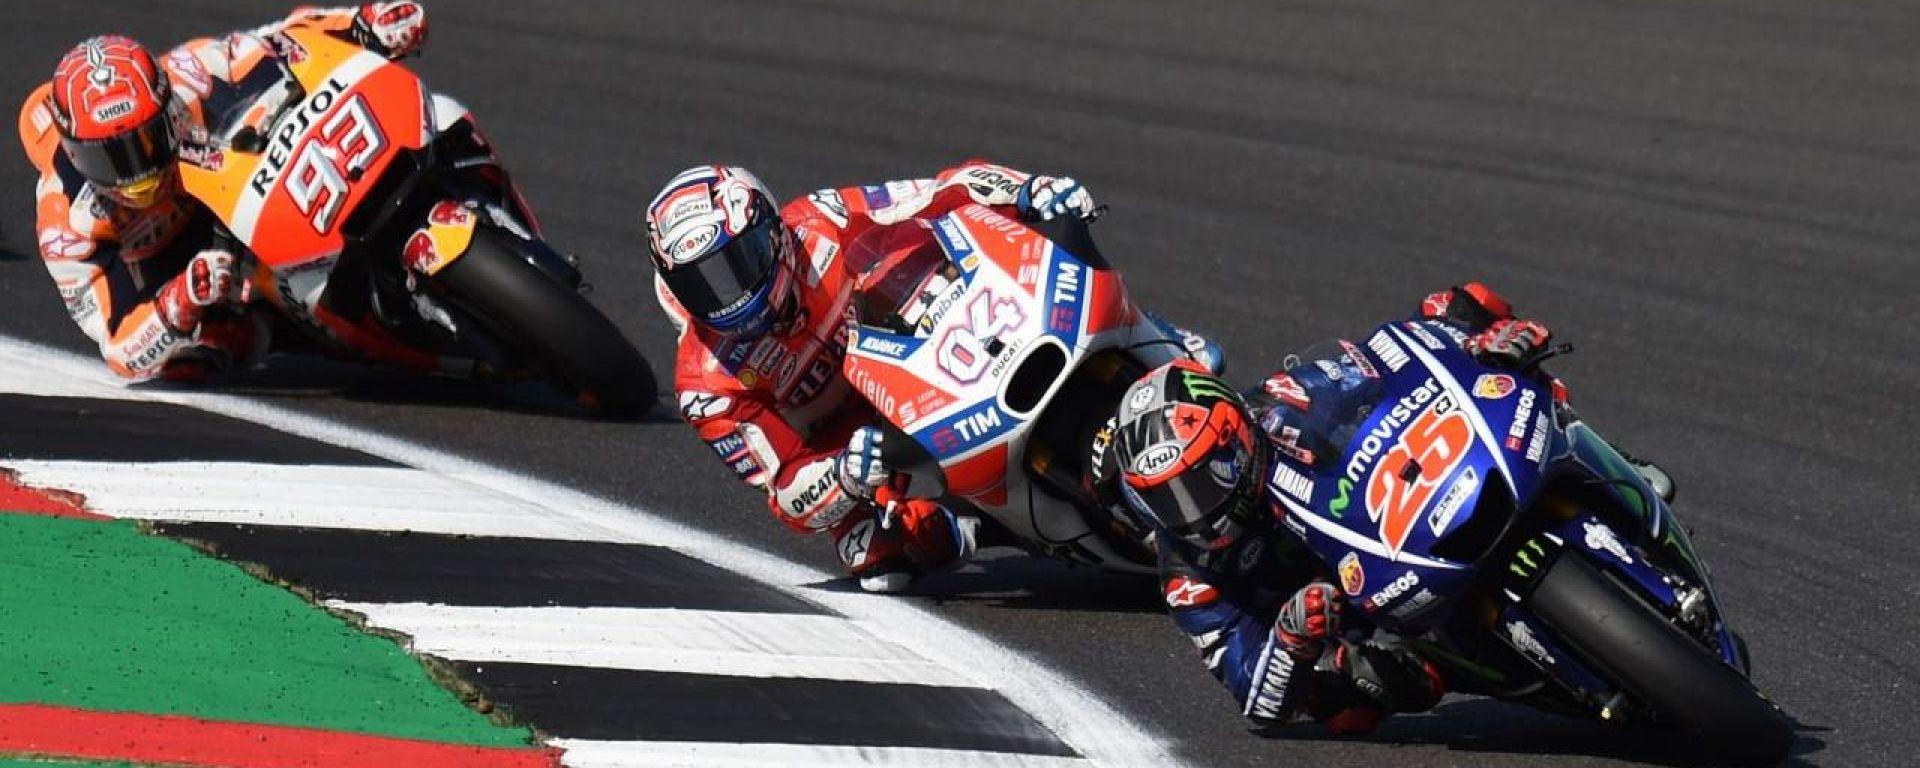 MotoGP Malesia 2017